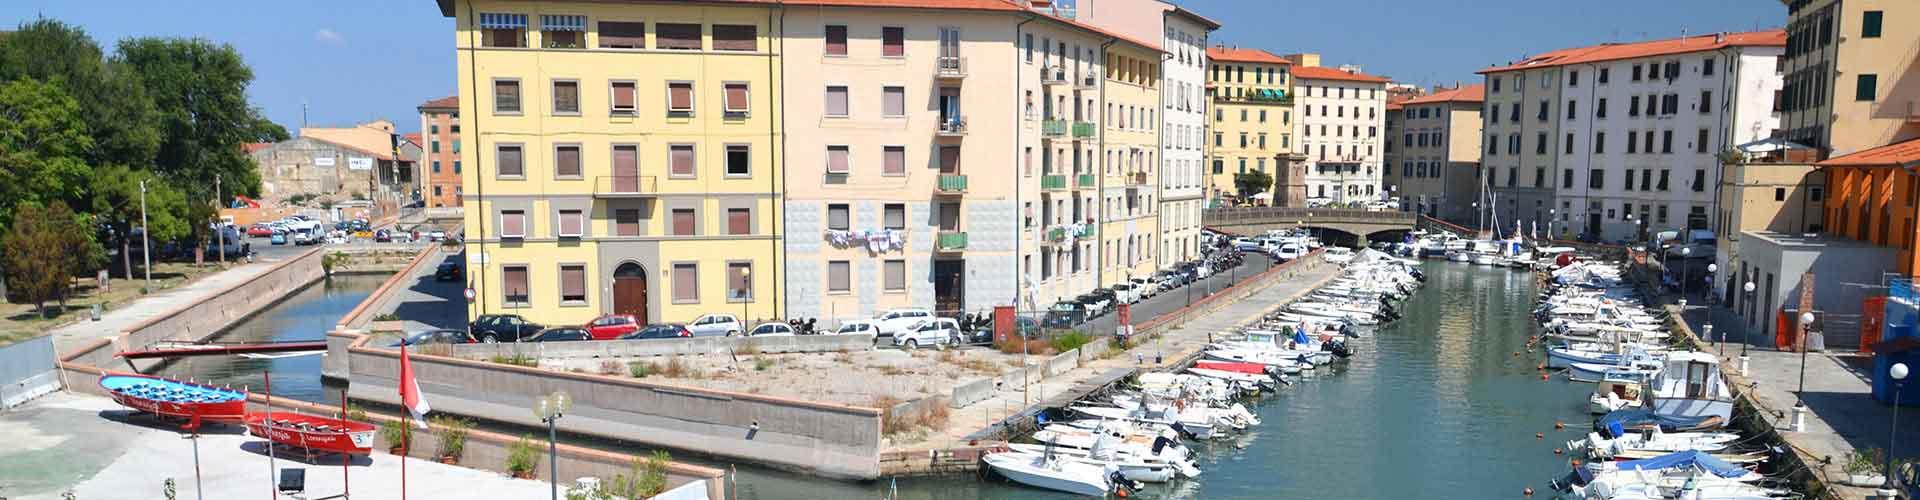 Livorno - Camping à Livorno. Cartes pour Livorno, photos et commentaires pour chaque Camping à Livorno.